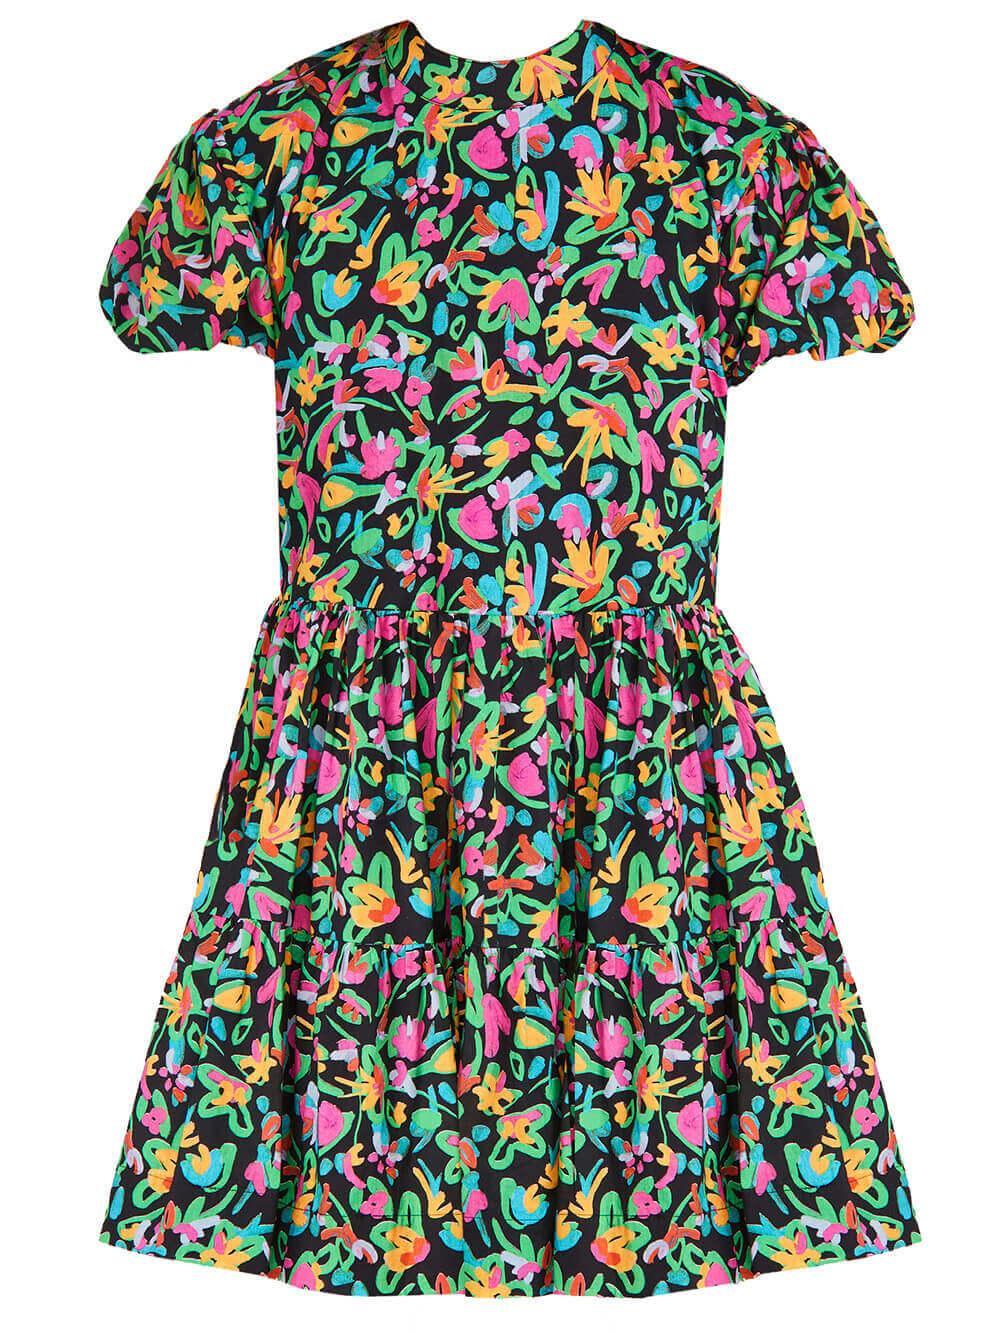 Lily Dress Item # U21D180229